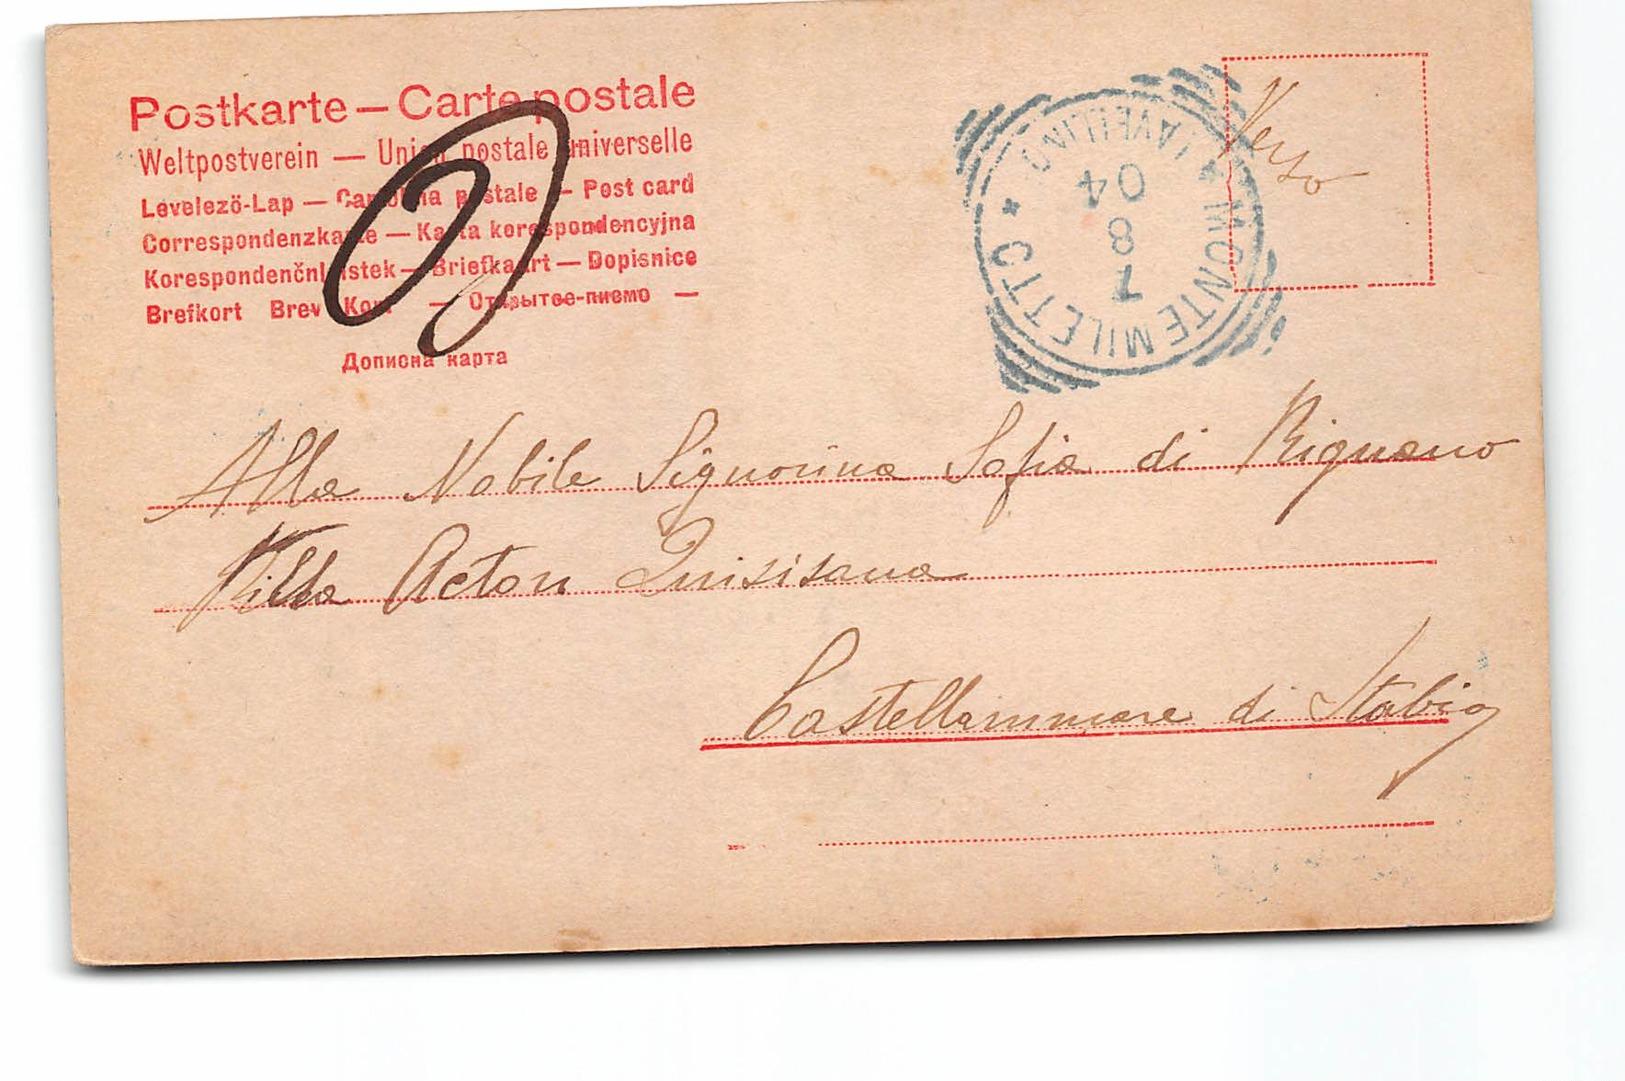 13304 TIMBRO MONTEMILETTO AVELLINO - IMMAGINE BAMBINA - Marcophilie